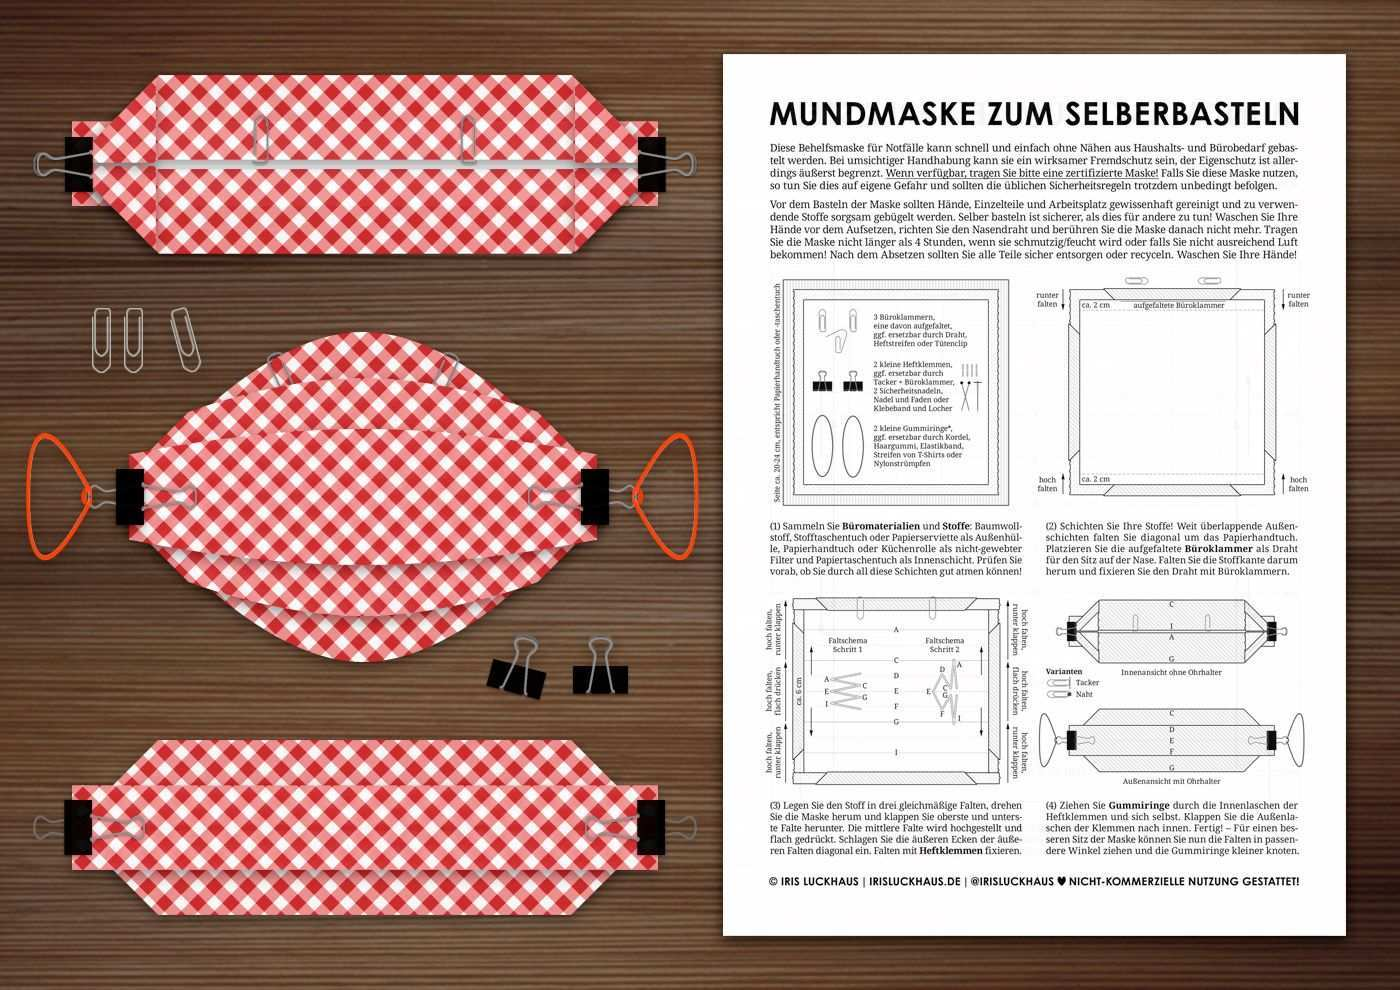 Diy Anleitung Eilige Mundmaske Zum Selberbasteln Iris Luckhaus Illustration Design Masken Masken Selber Basteln Masken Basteln